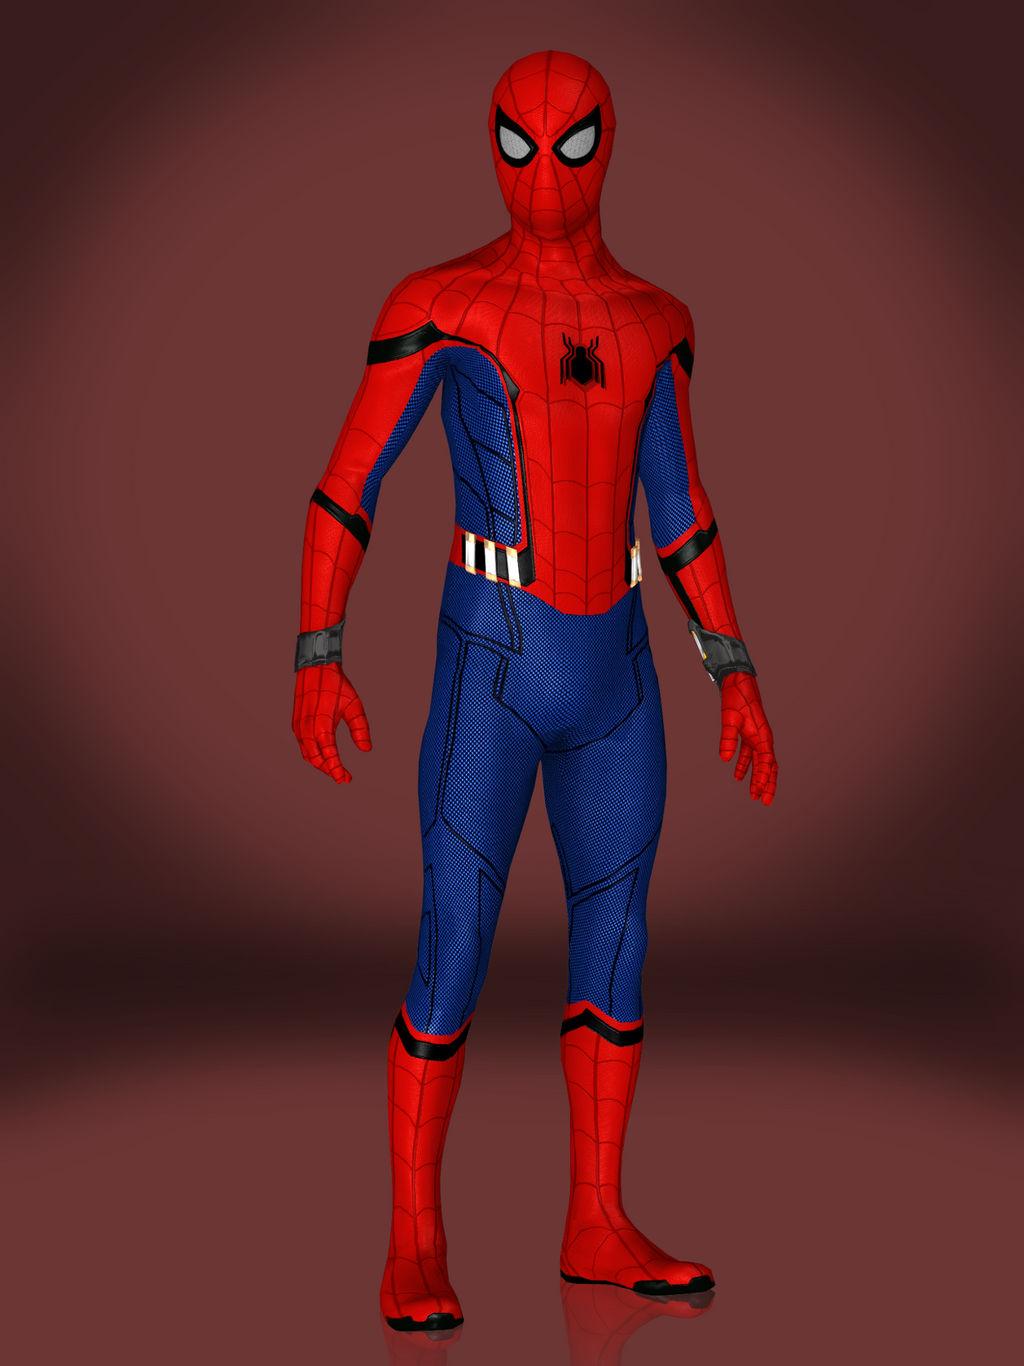 Spider-Man by Sticklove